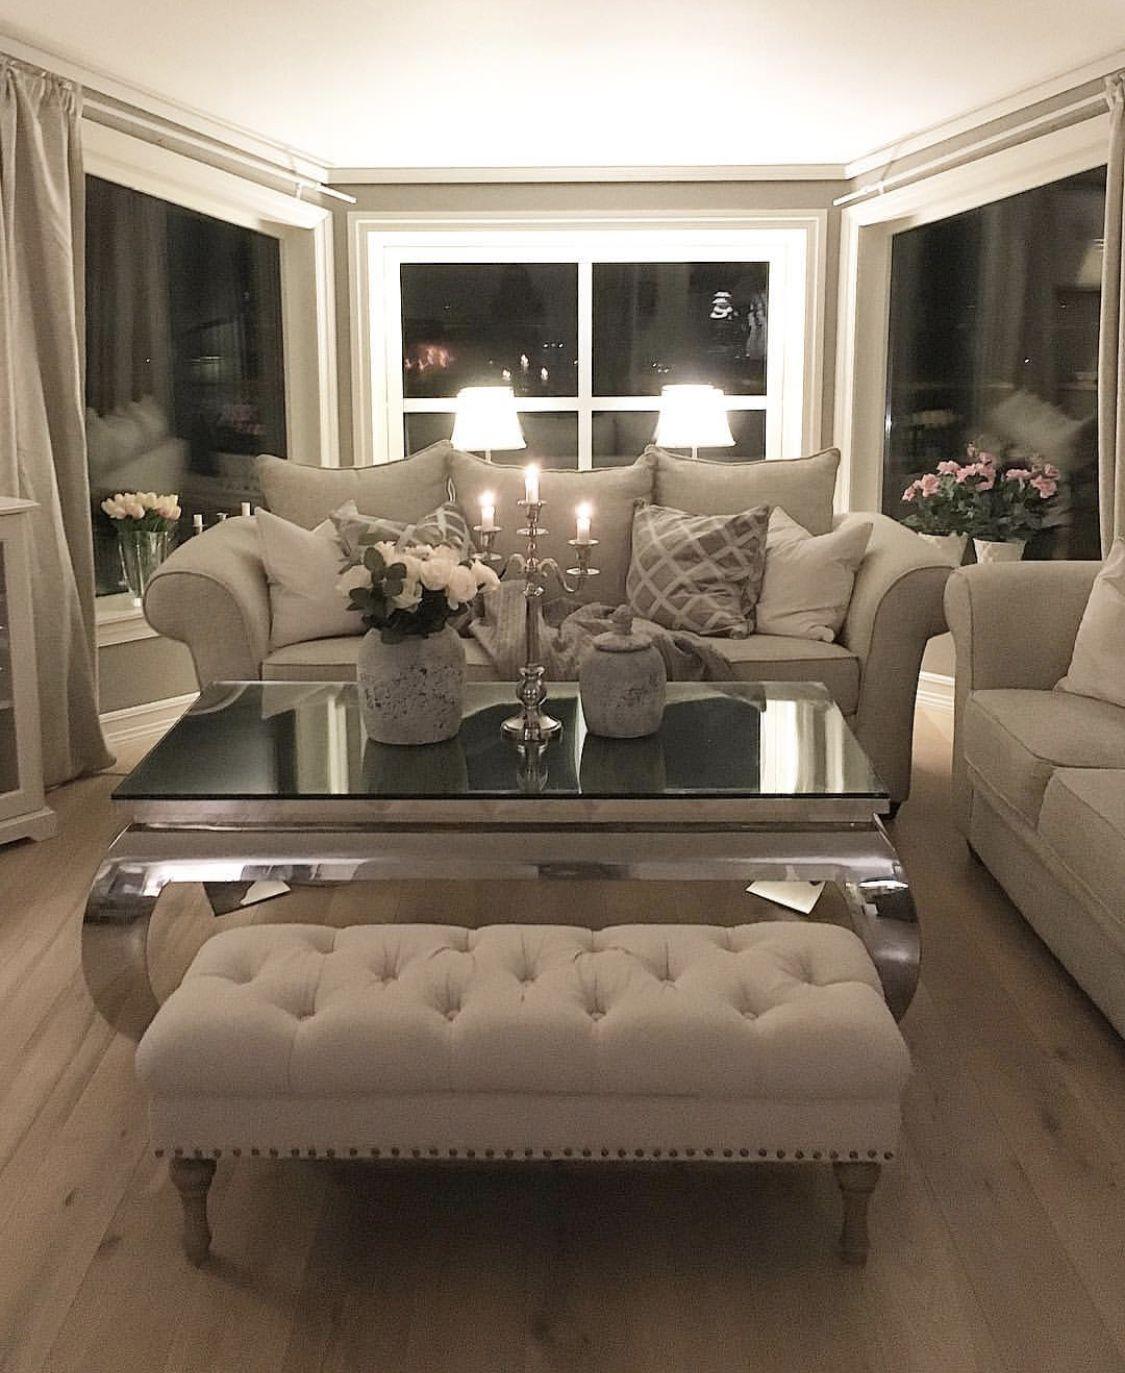 Love the sofas universaljjj living room also best images in rh pinterest